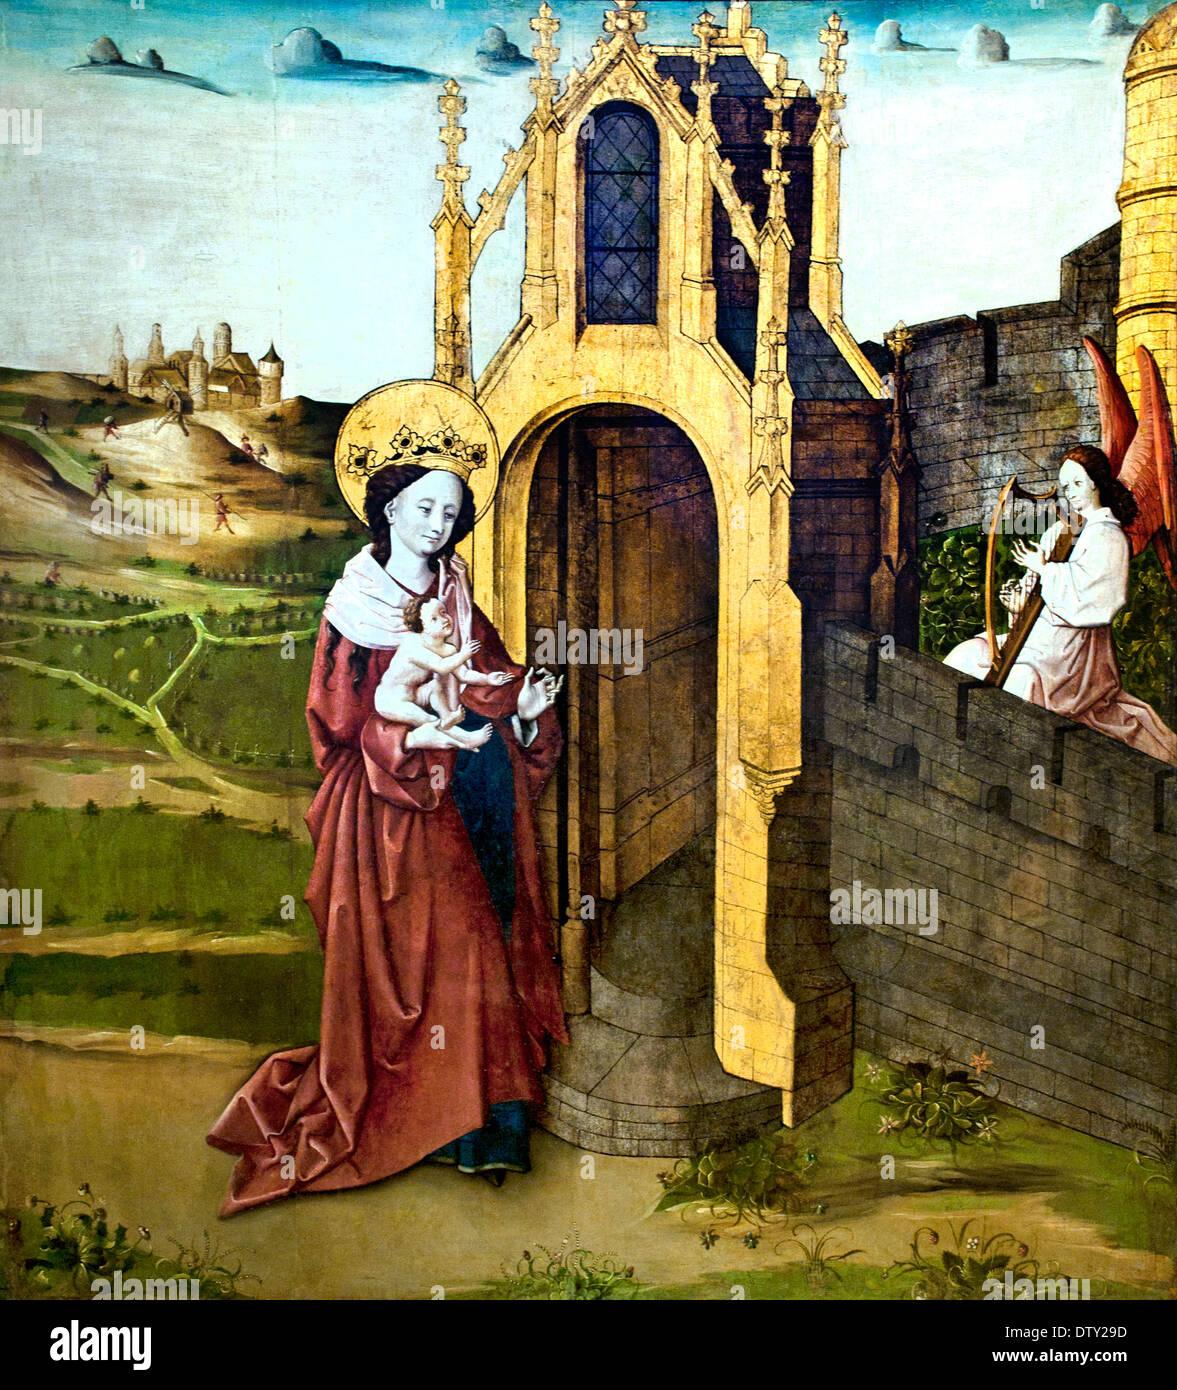 medieval gates stockfotos medieval gates bilder alamy. Black Bedroom Furniture Sets. Home Design Ideas